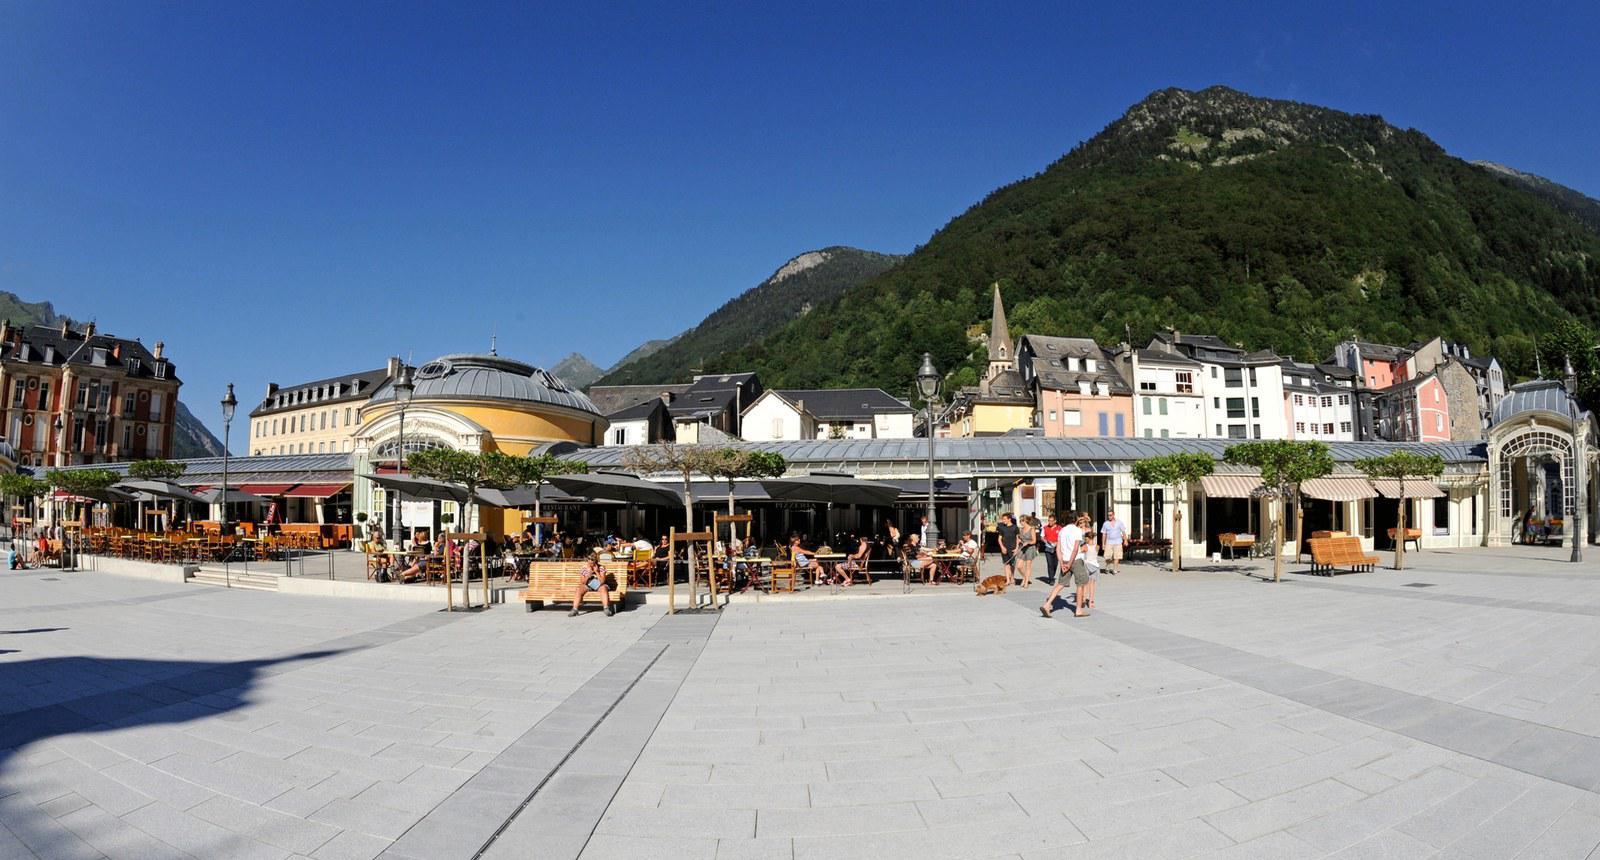 Place de Cauterets